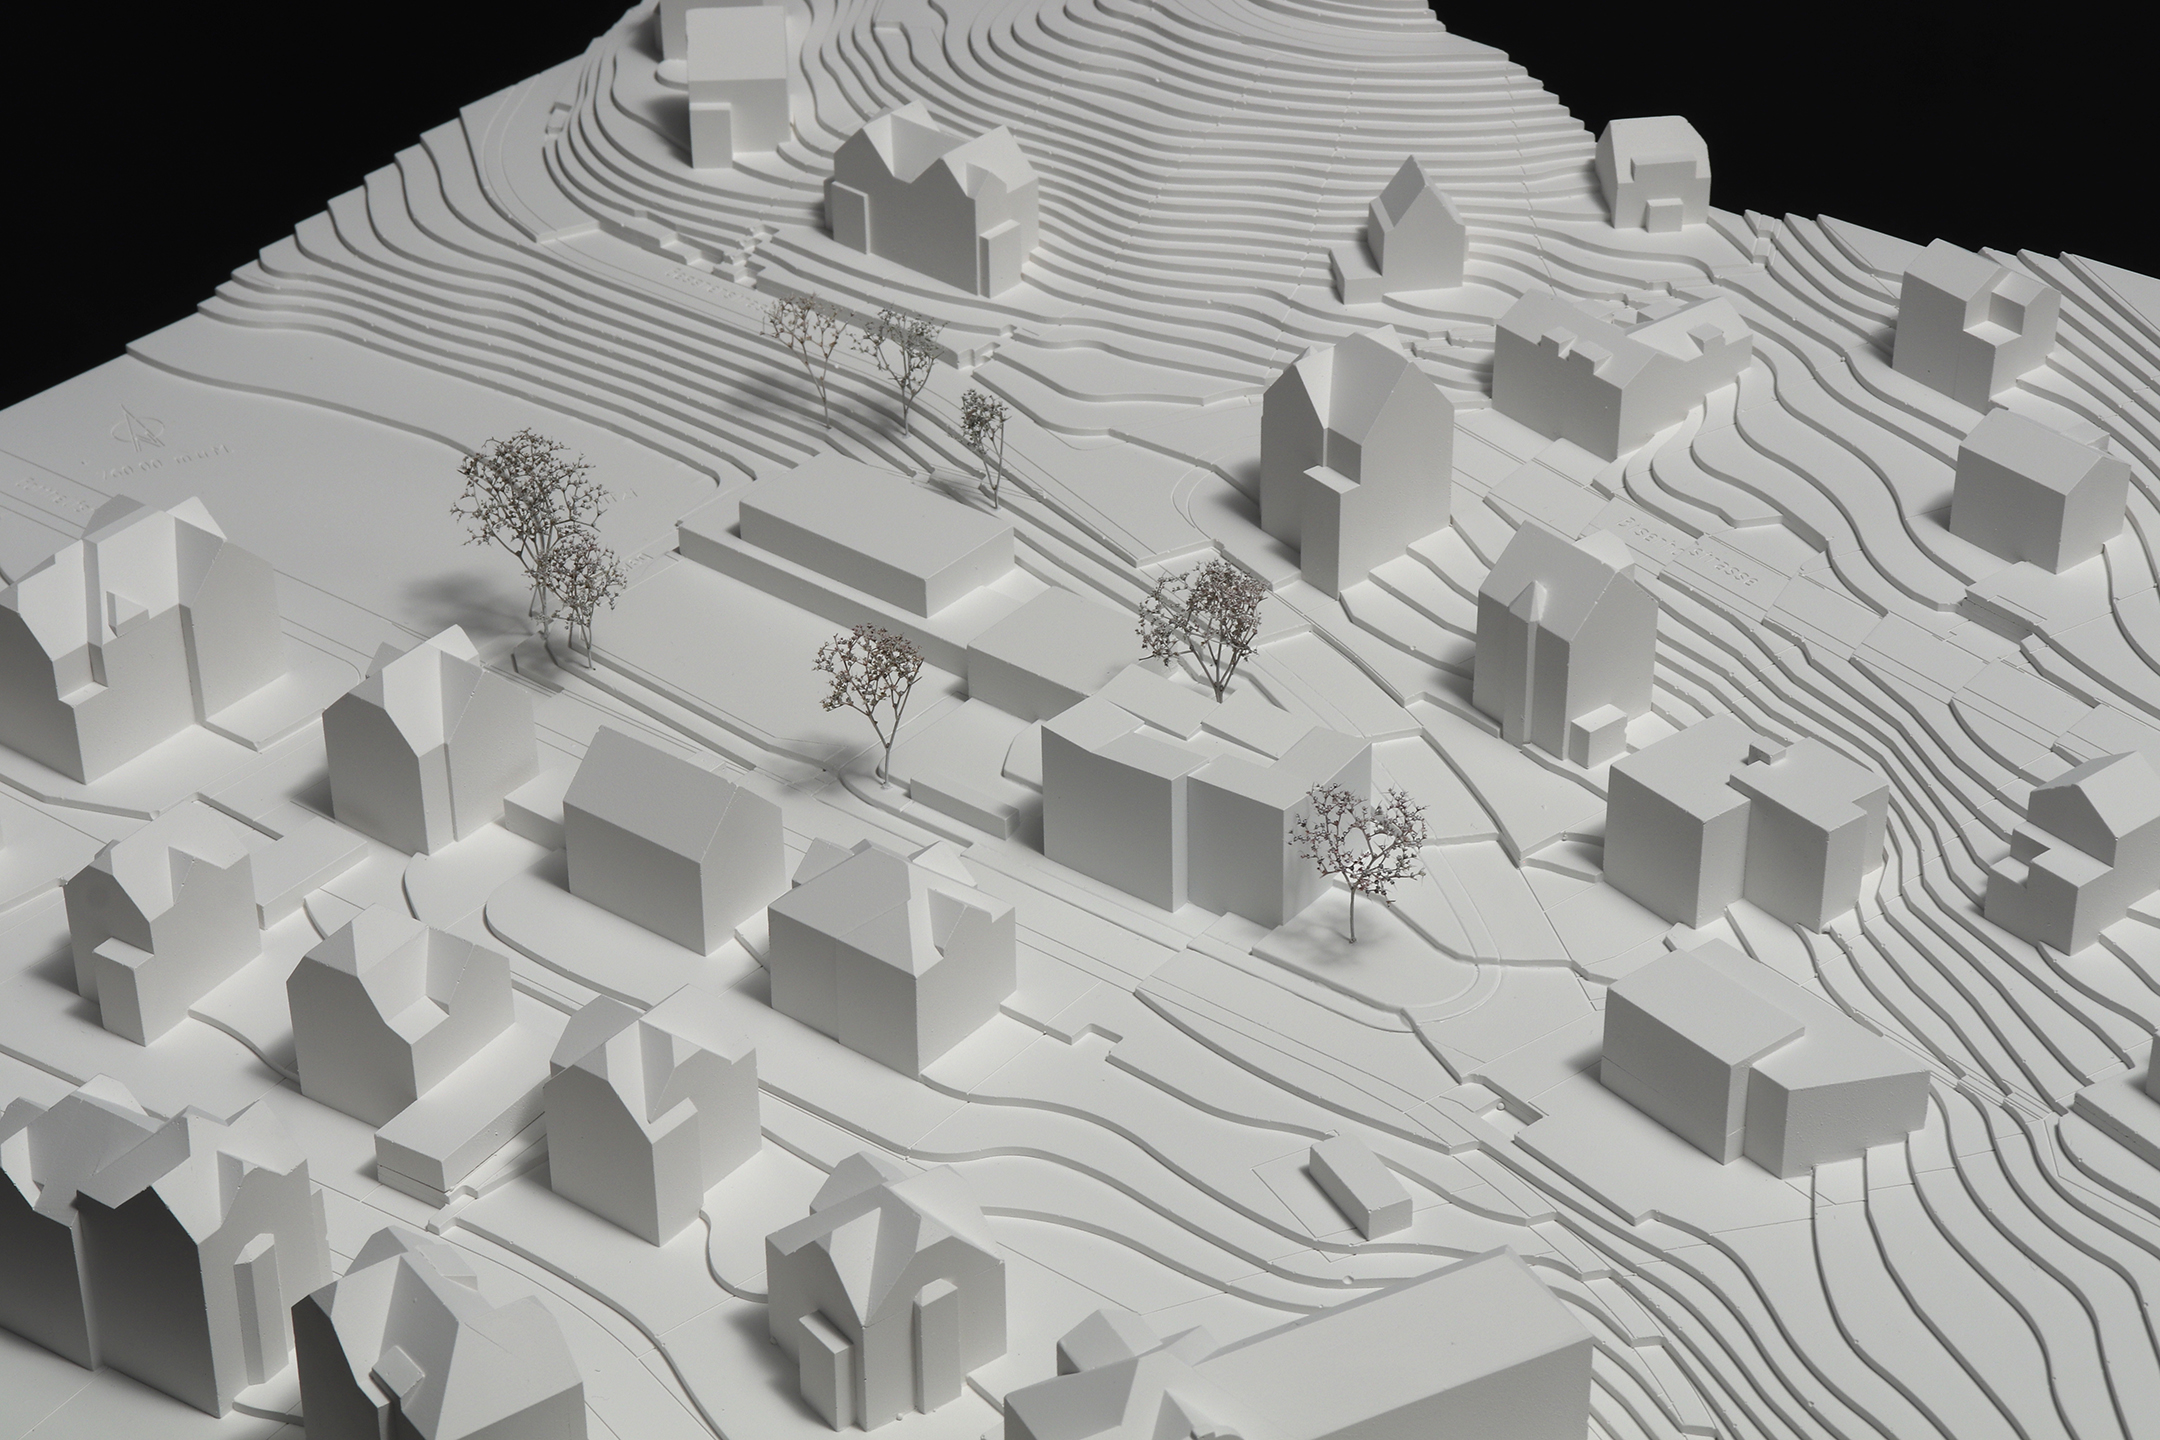 Pfister Klingenfuss Architekten AG, Wettbewerb, Tagesbetreuung Hebel, Modell 1